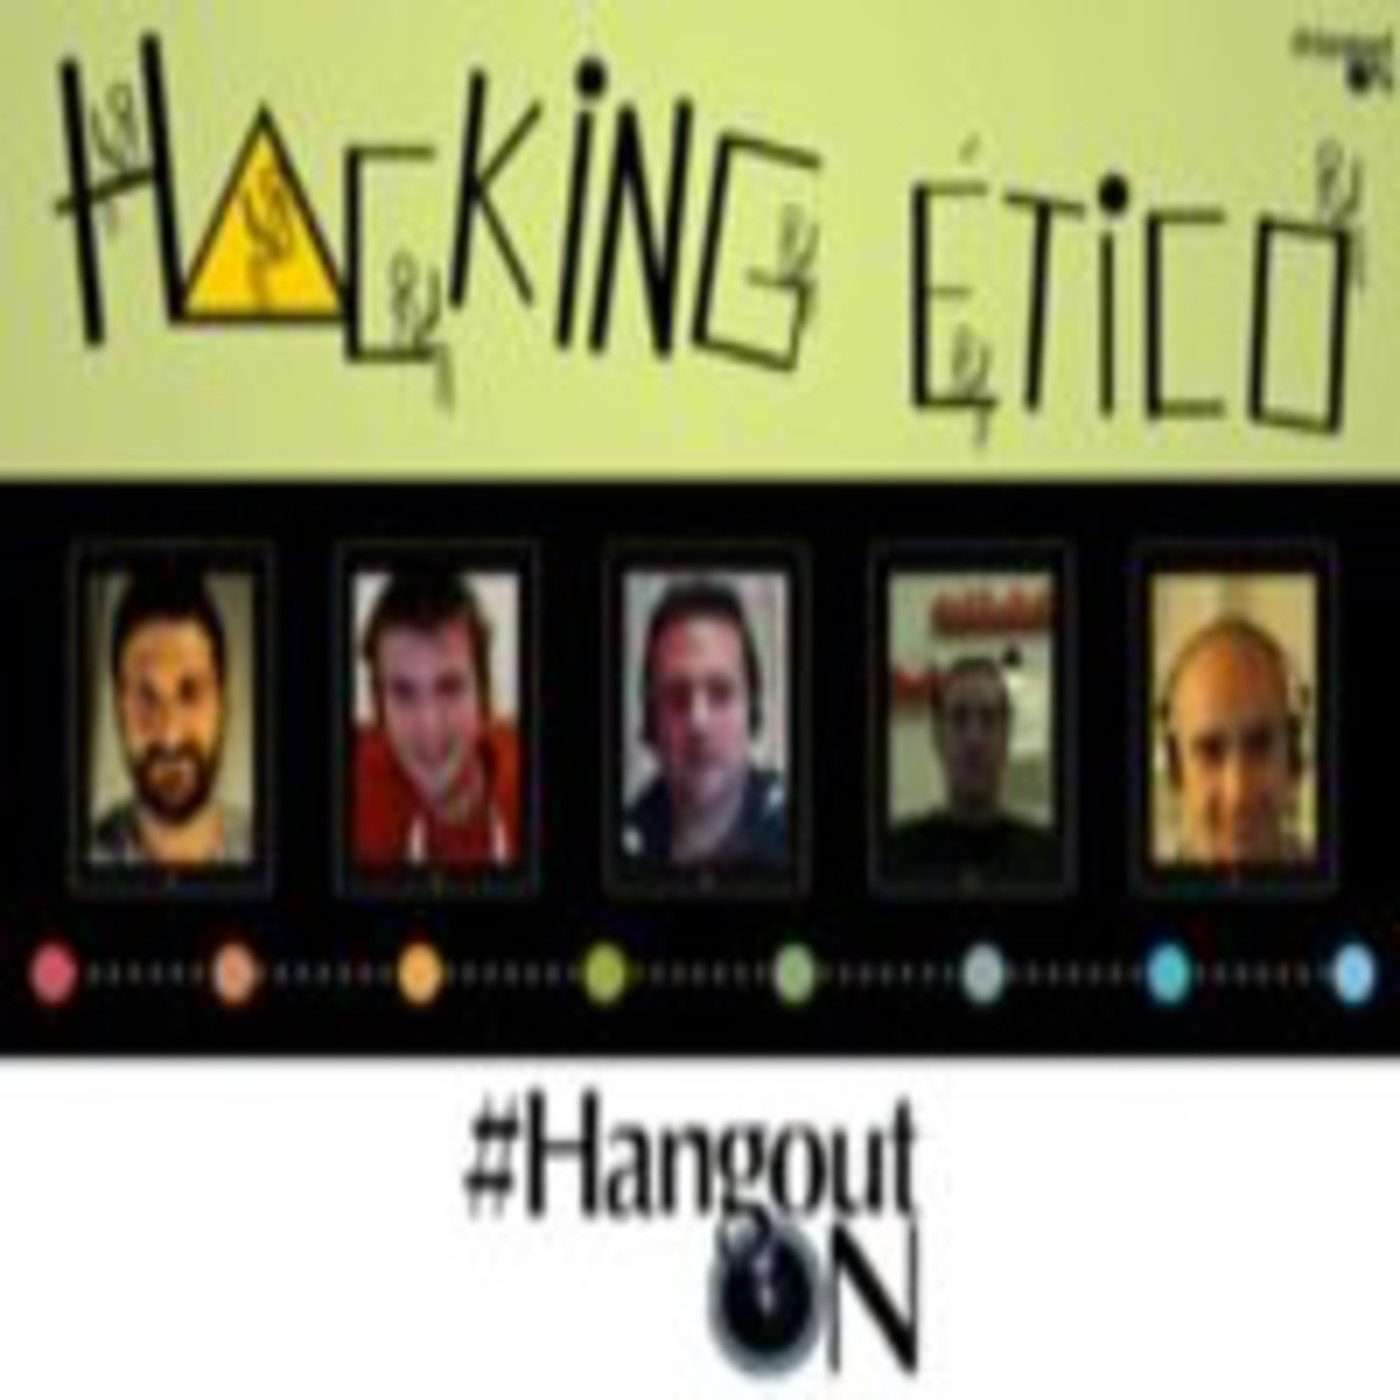 Hacking ético: filosofía hacker